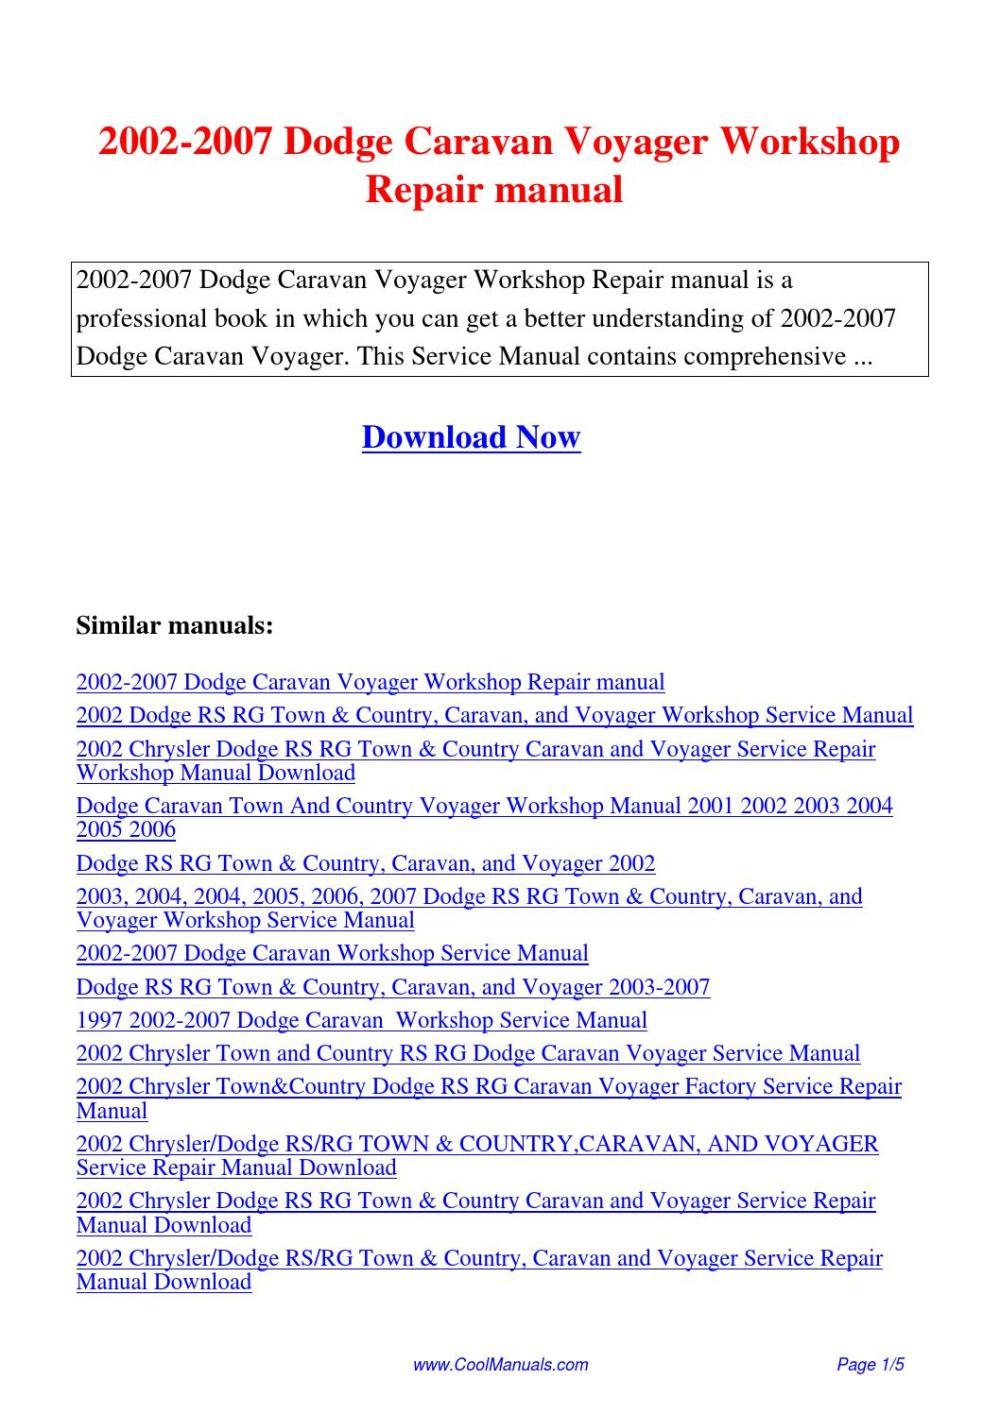 medium resolution of 2002 2007 dodge caravan voyager workshop repair manual pdf